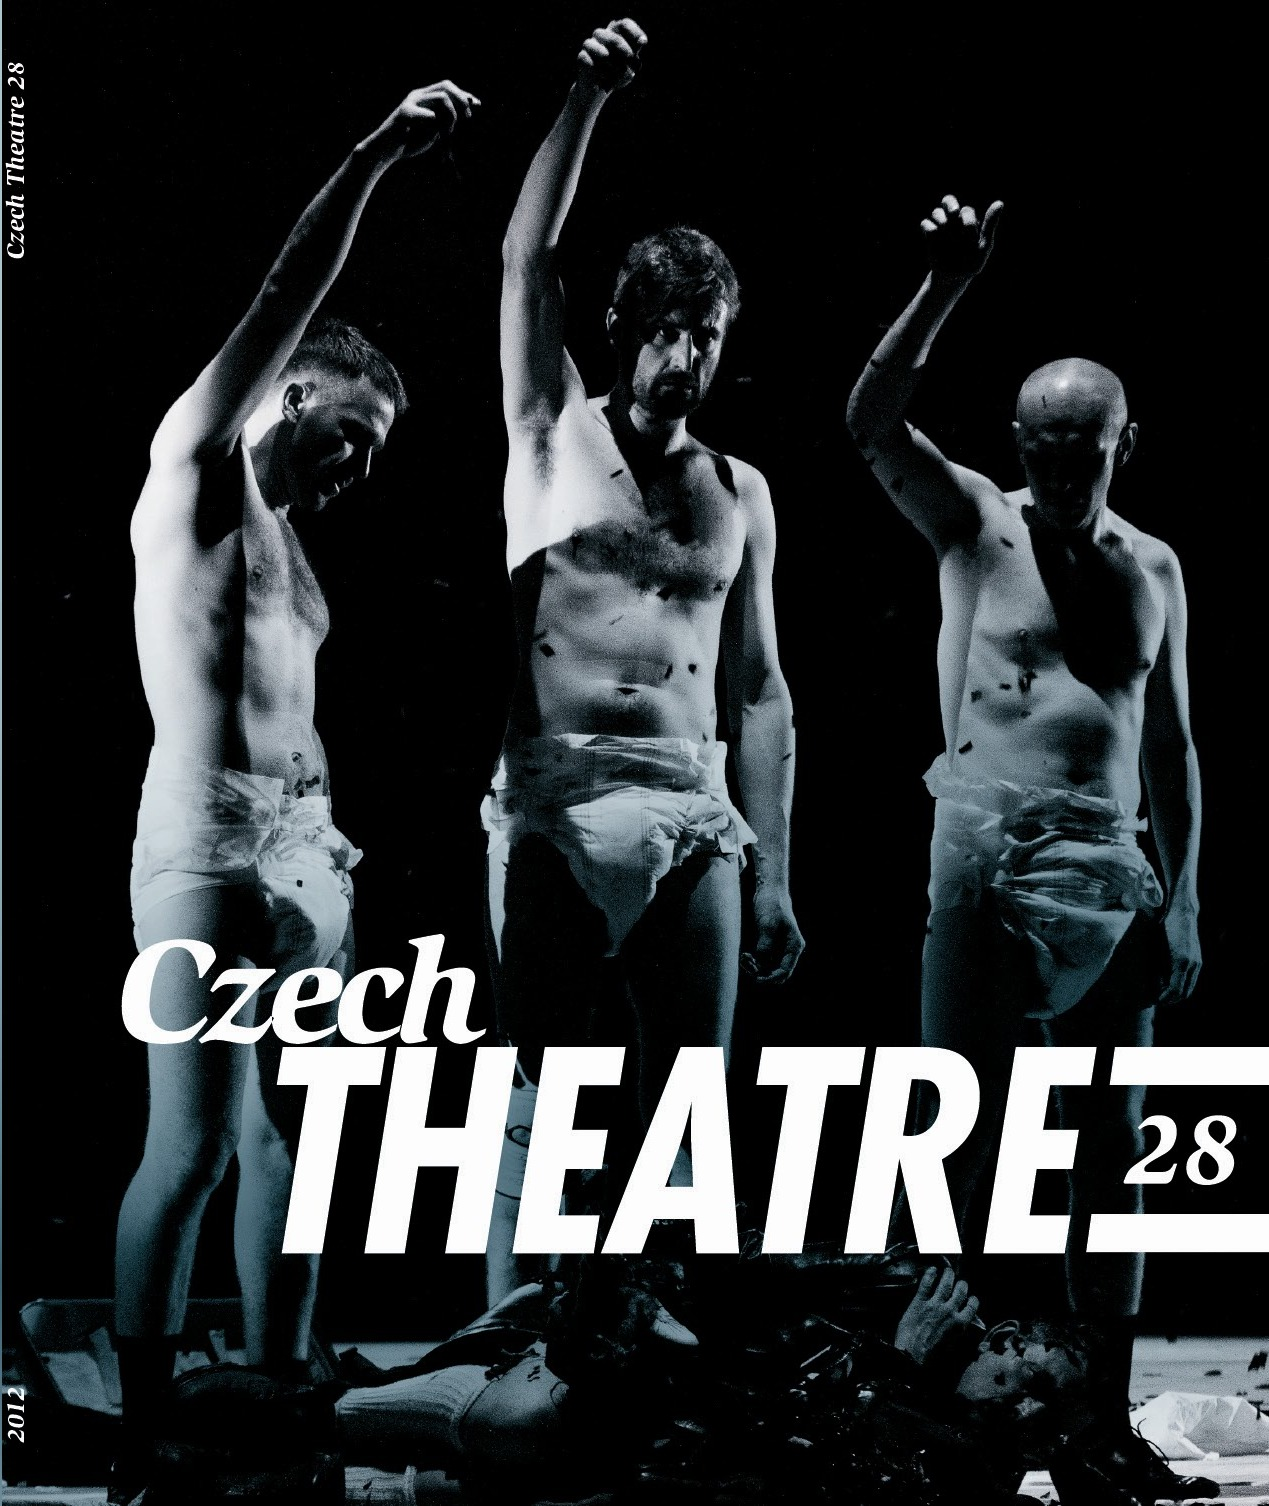 Czech Theatre 28